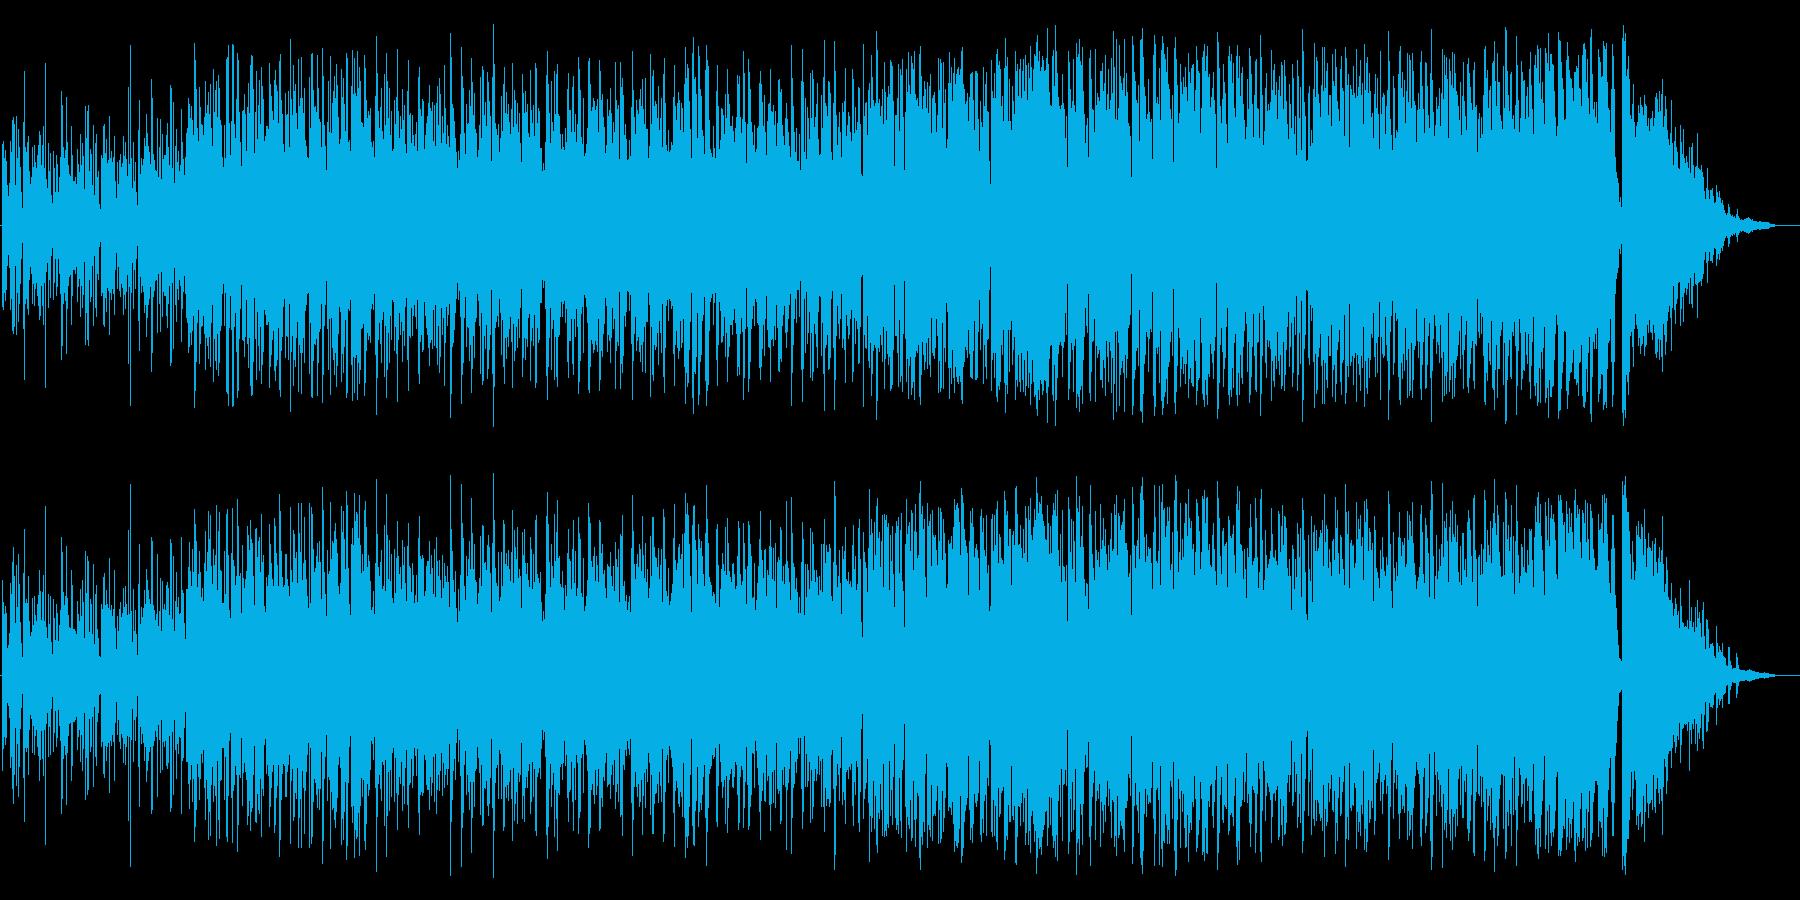 エッジの効いたサックスがかっこいいジャズの再生済みの波形